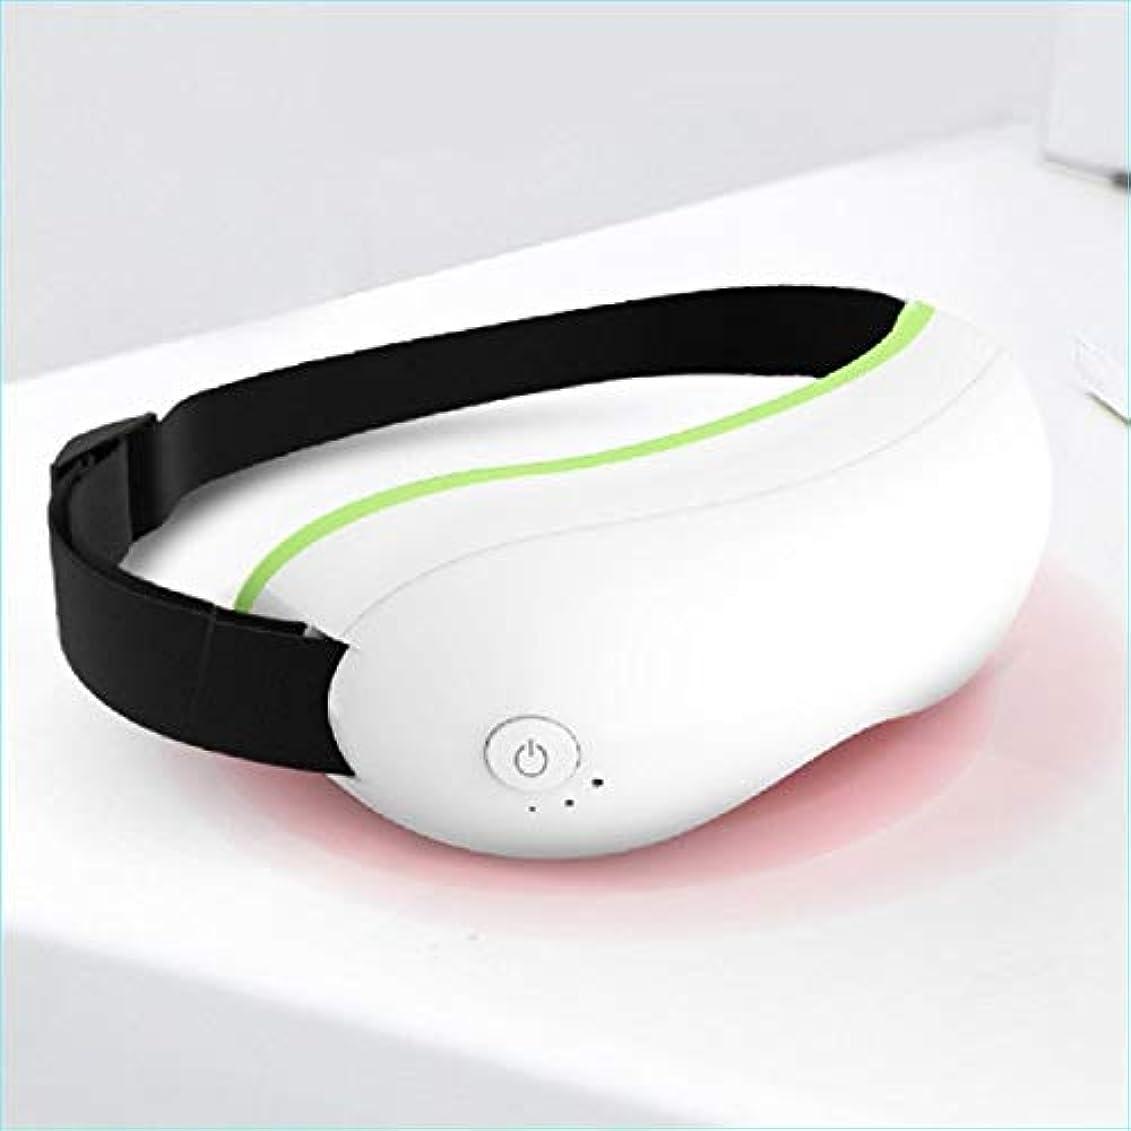 任命するフィードとにかくRuzzy 暖房付きの高度な充電式ワイヤレスインテリジェント振動アイマッサージ 購入へようこそ (Color : White)